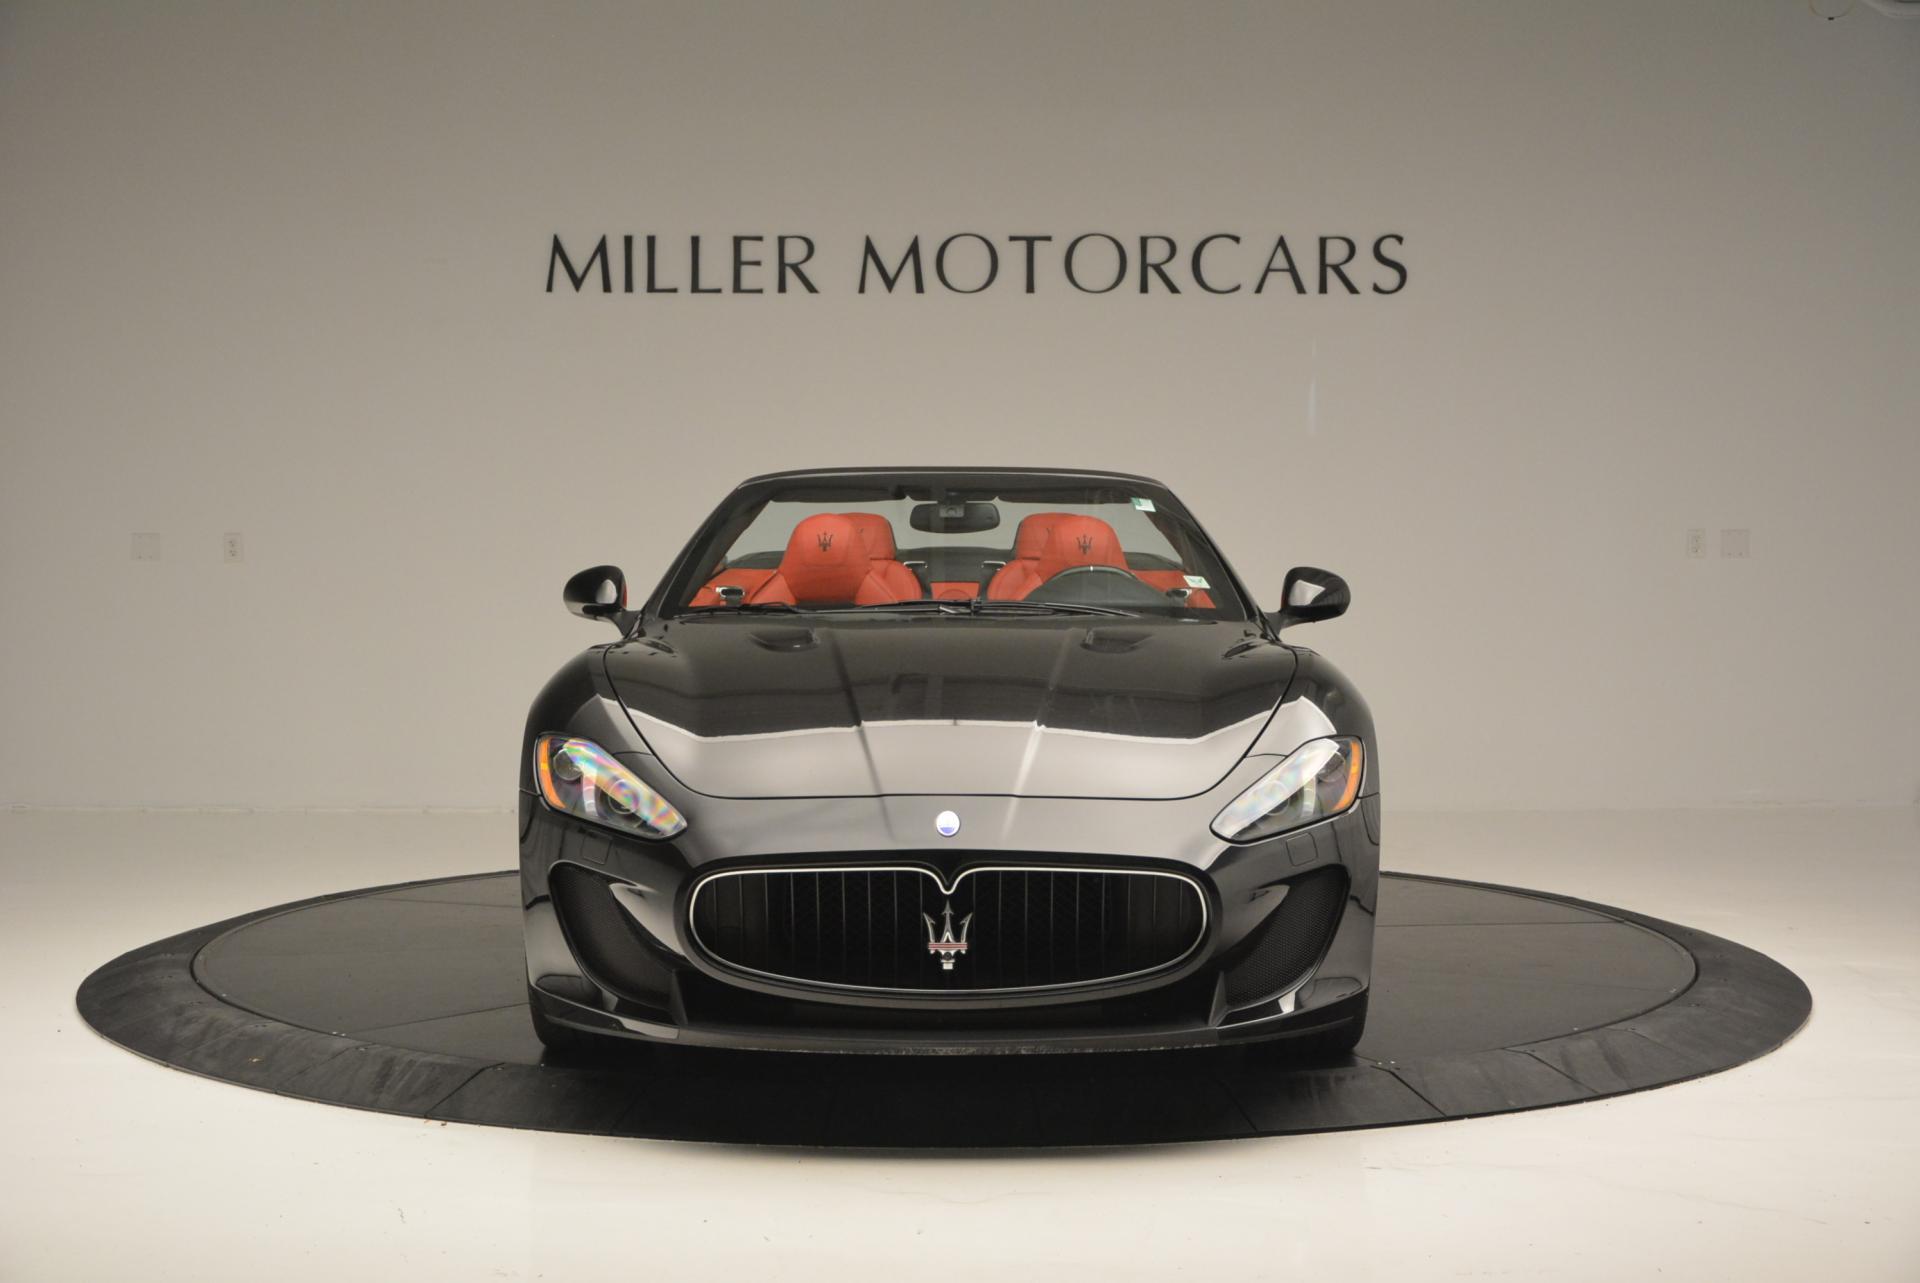 Used 2013 Maserati GranTurismo MC For Sale In Greenwich, CT 521_p12